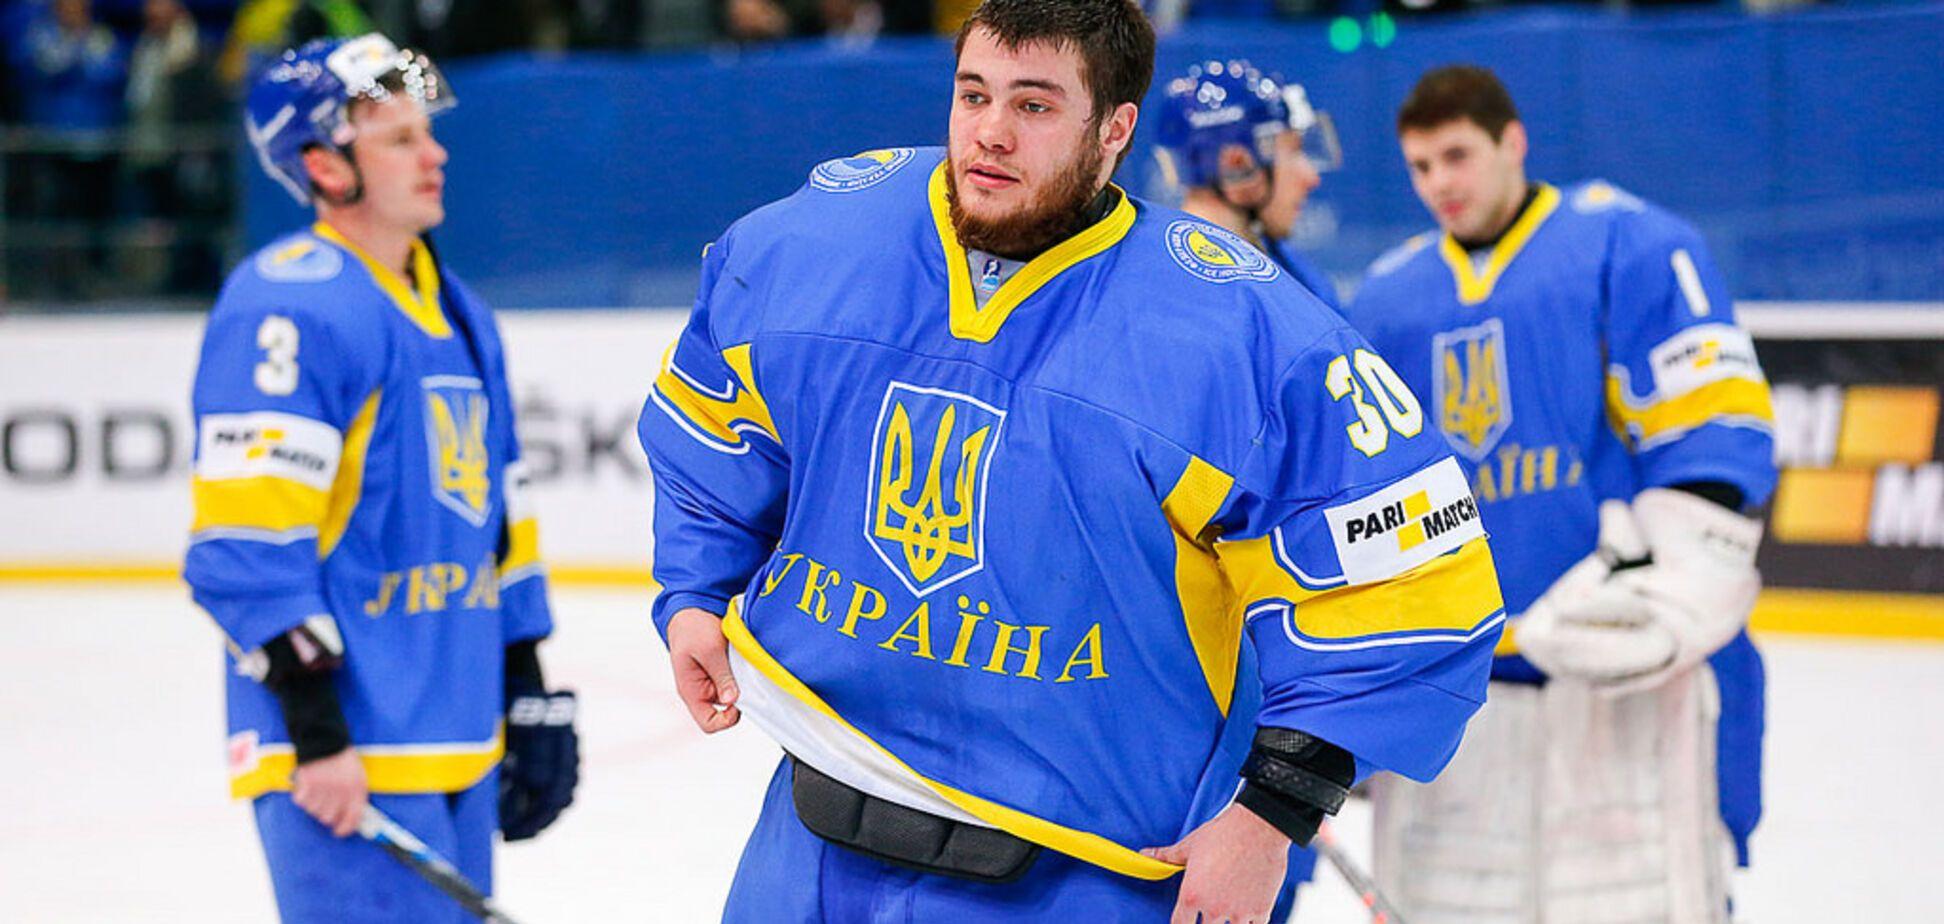 Хокеїсти збірної України зізналися в здачі матчу чемпіонату світу-2017